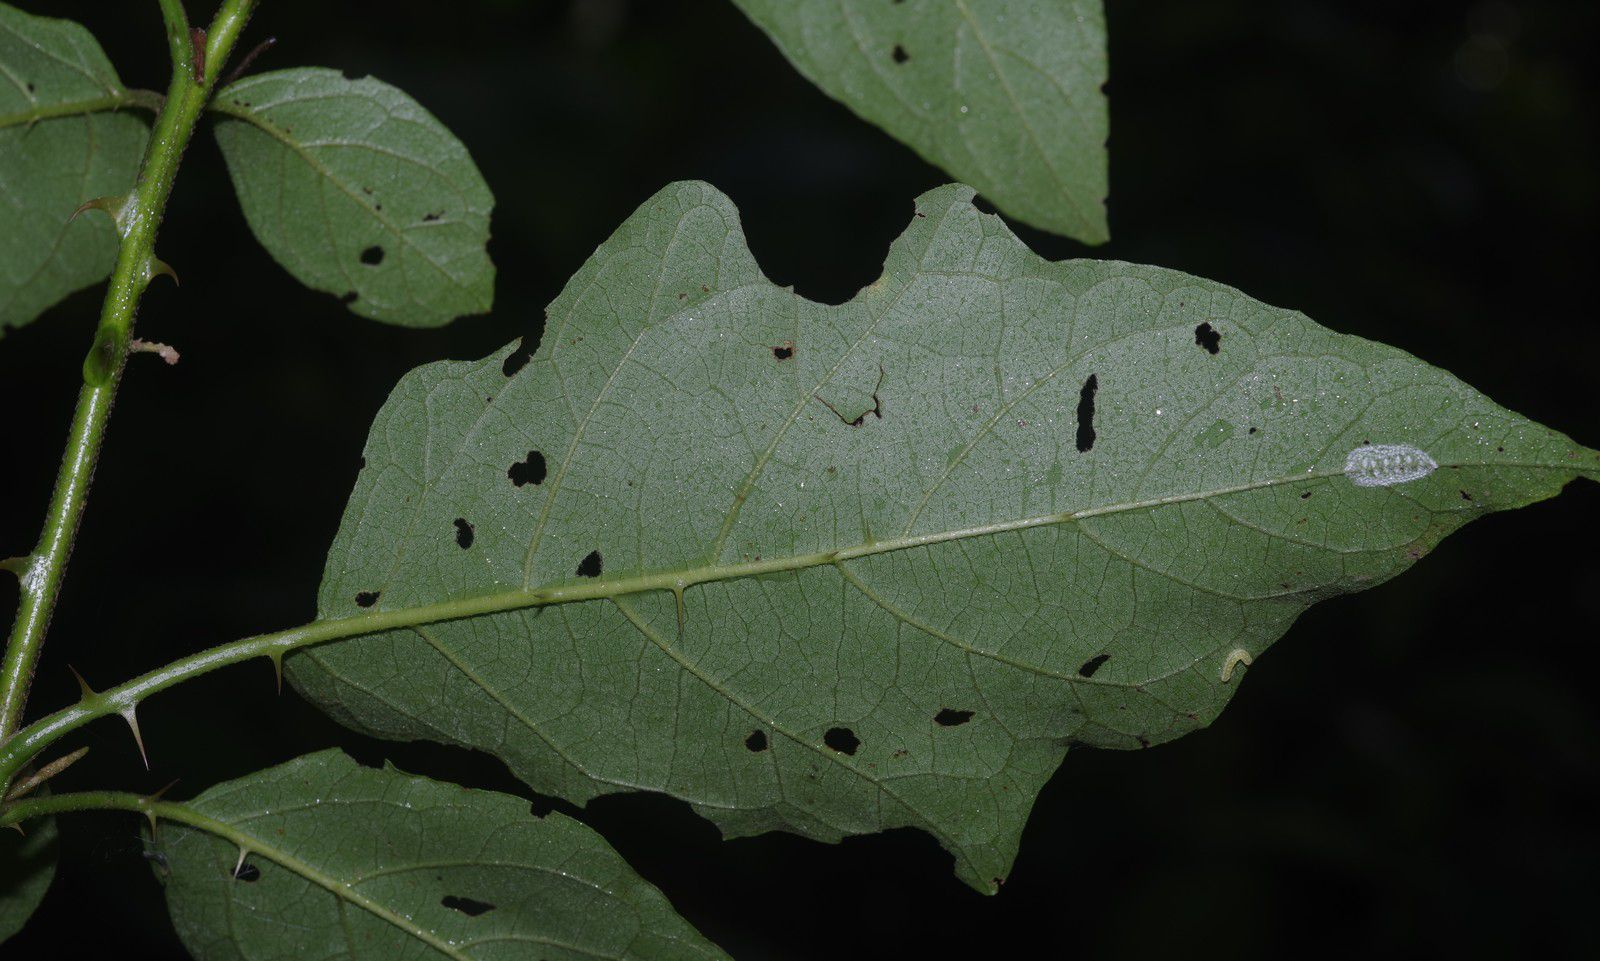 Solanum subinerme